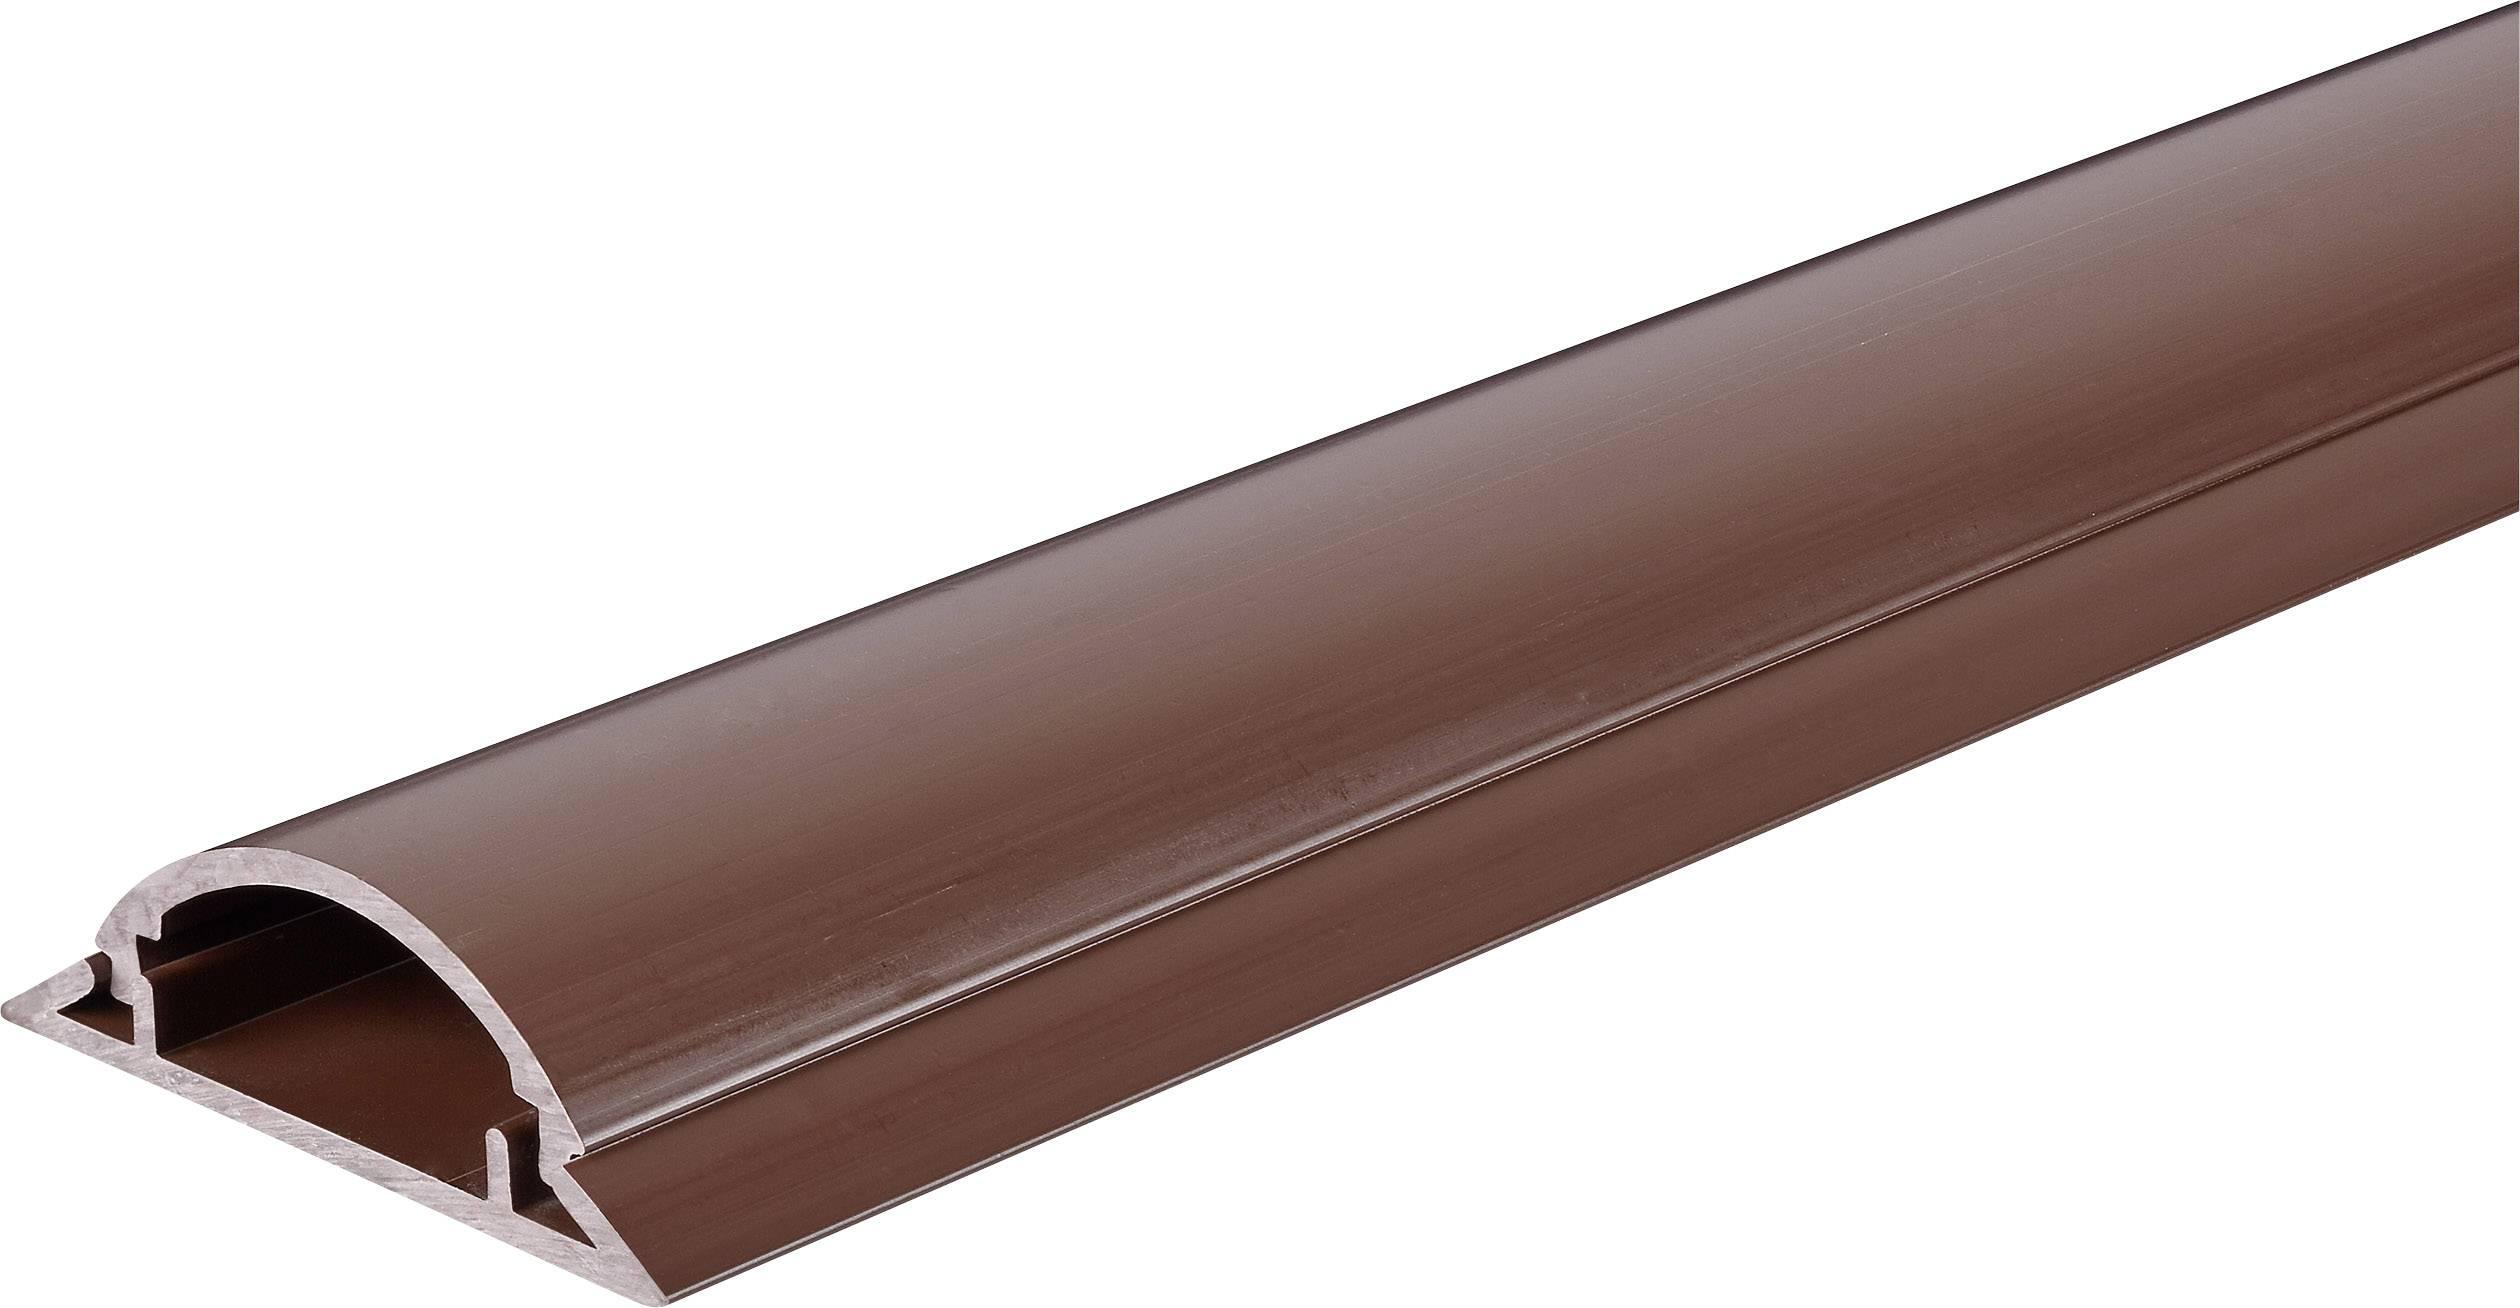 Kabelový můstek Conrad 1243966, hnědá, 1000 x 49,5 mm